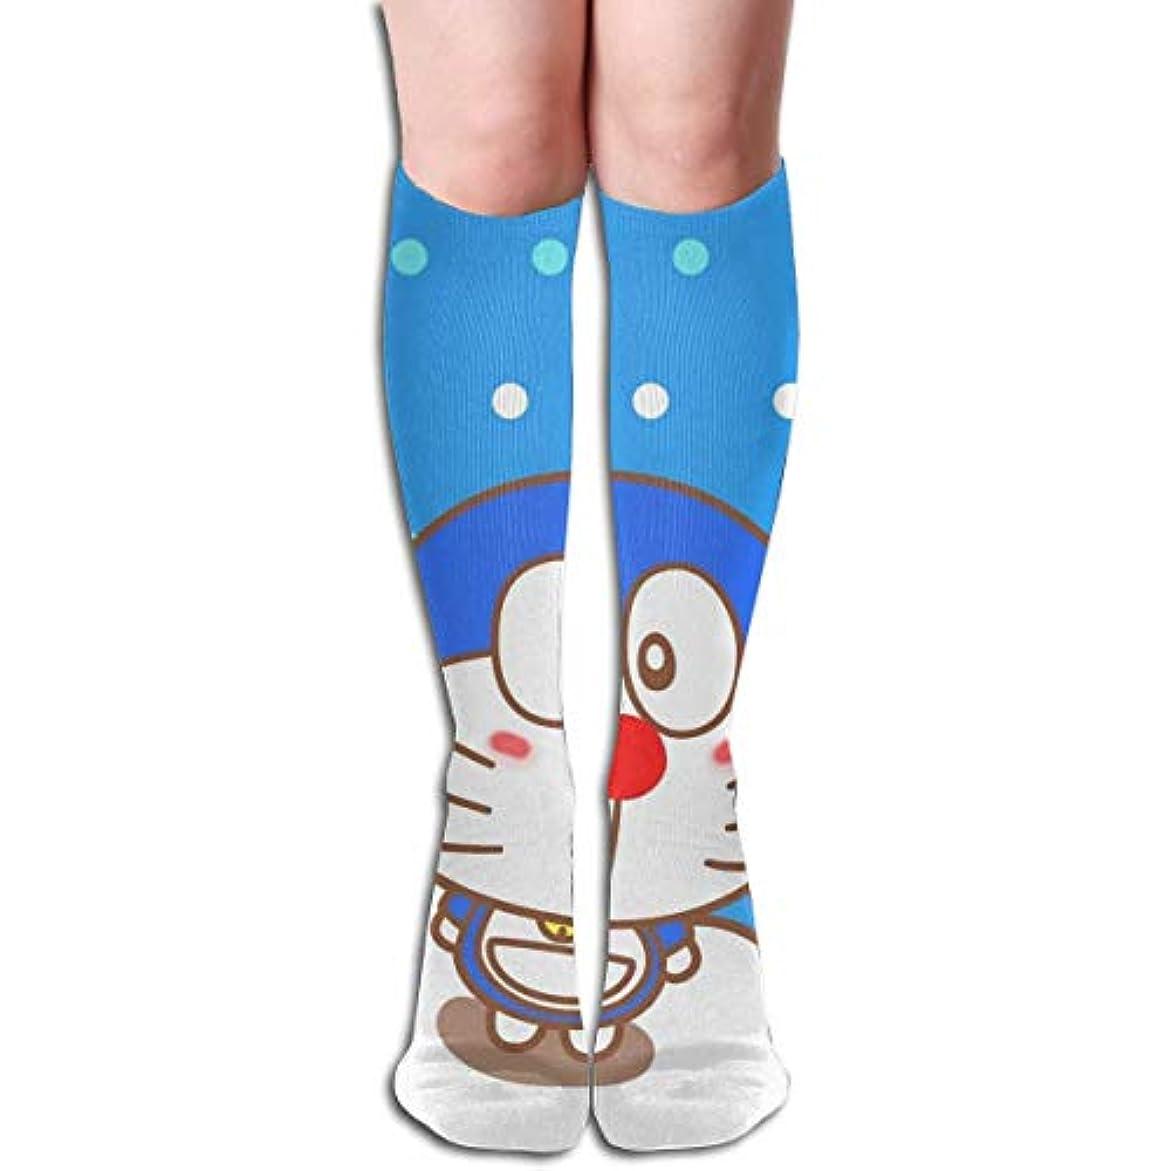 バインドヒールマルコポーロqrriy doraemonチューブストッキングレディース冬暖かい膝ハイソックスブーツ靴下